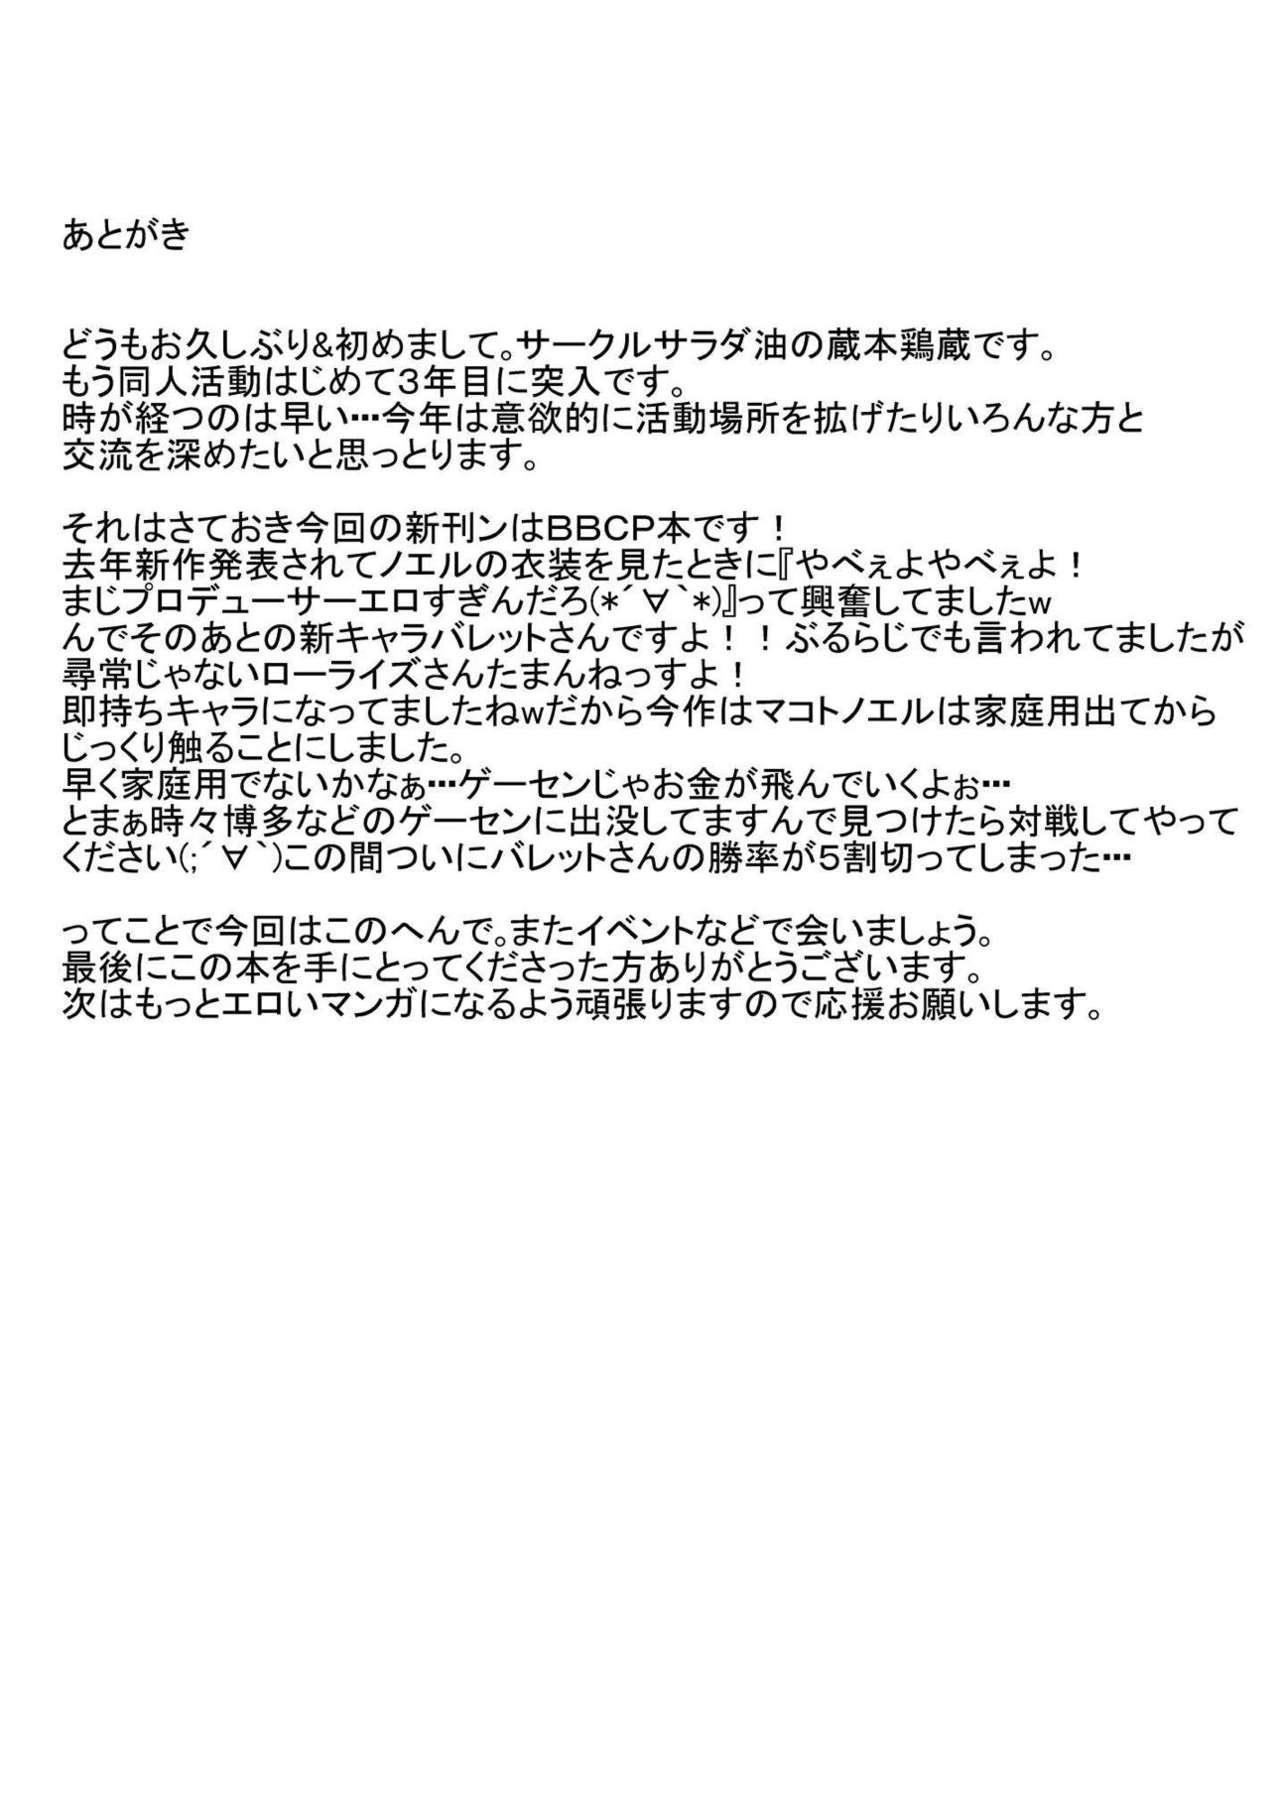 MakoNoe to no Seikatsu 23